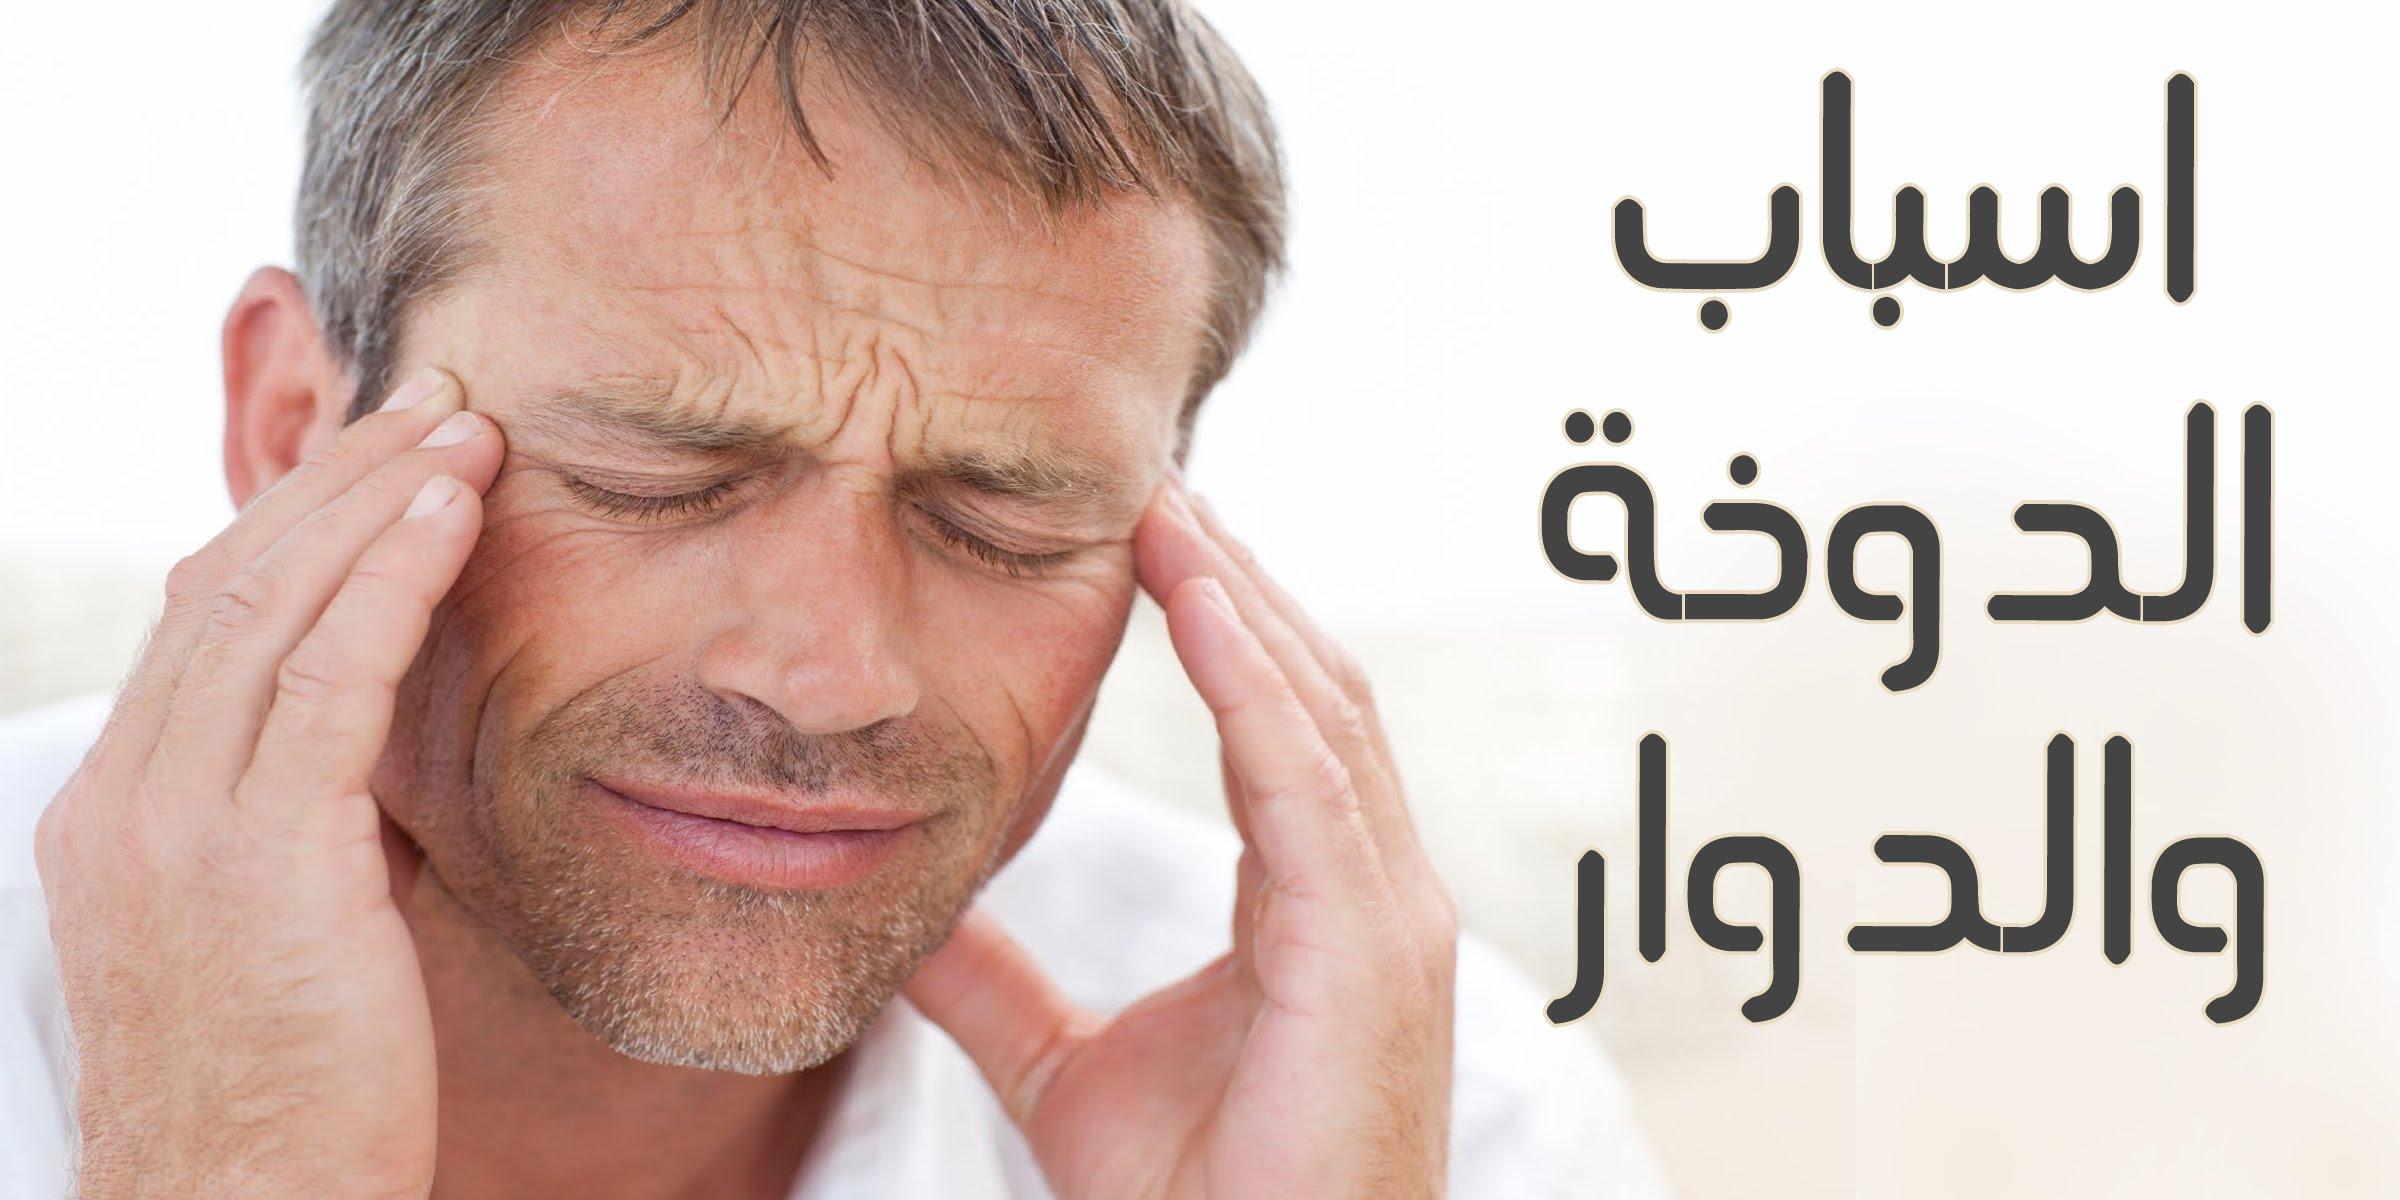 صورة اسباب الدوخة , علاج الدوخة 3110